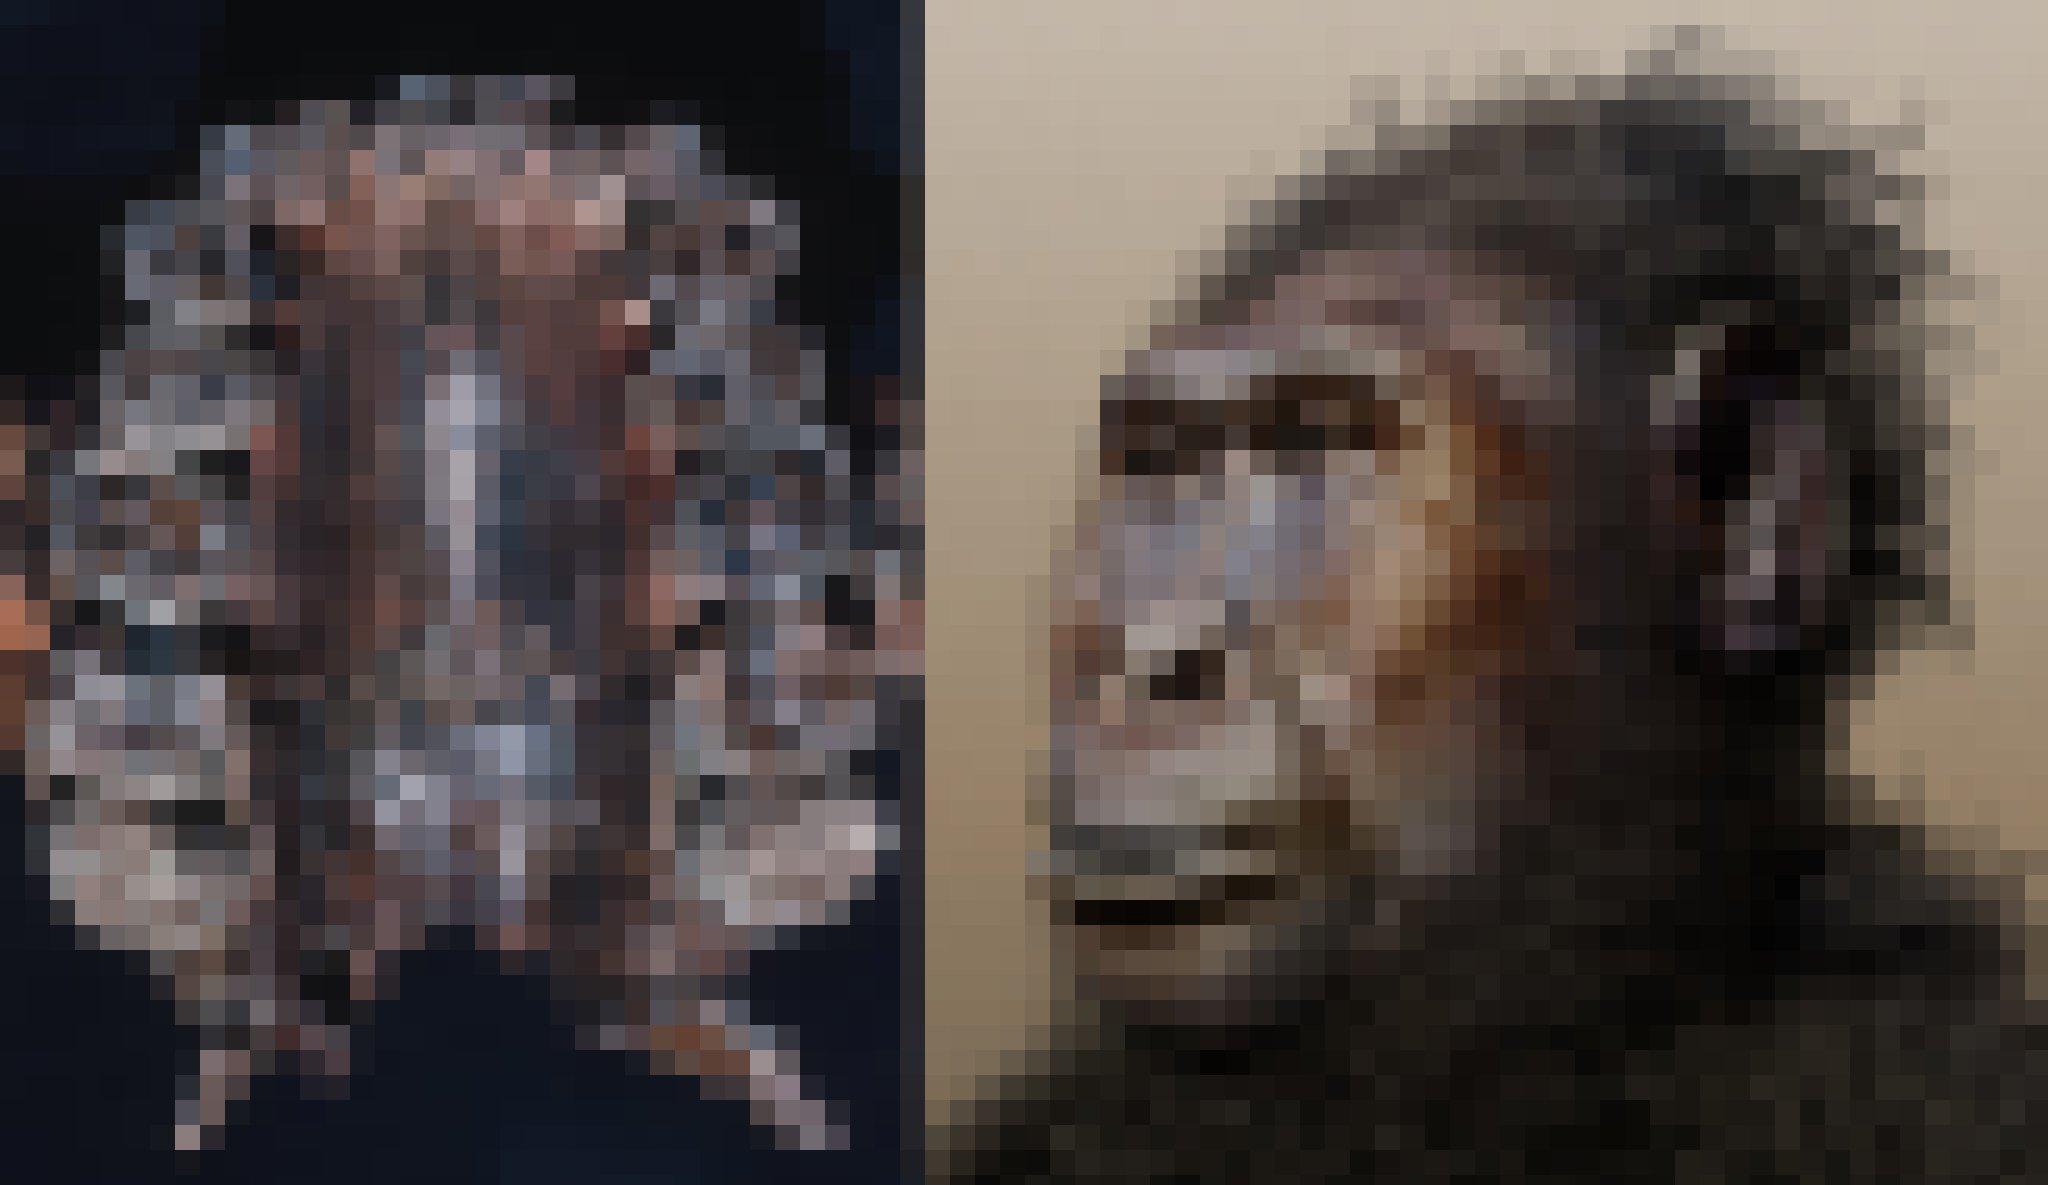 Im linken Foto zu sehen ist ein fossiler Oberkiefer (von unten gezeigt), mit extrem großen Backenzähnen. Rechts findet sich die Zeichnung eines Wesens, das mit schwarzen Haaren, dunkler Gesichtsfarbe, platter Nase und der sehr großen Mundpartie wie eine Mischung zwischen Gorilla und Mensch wirkt.